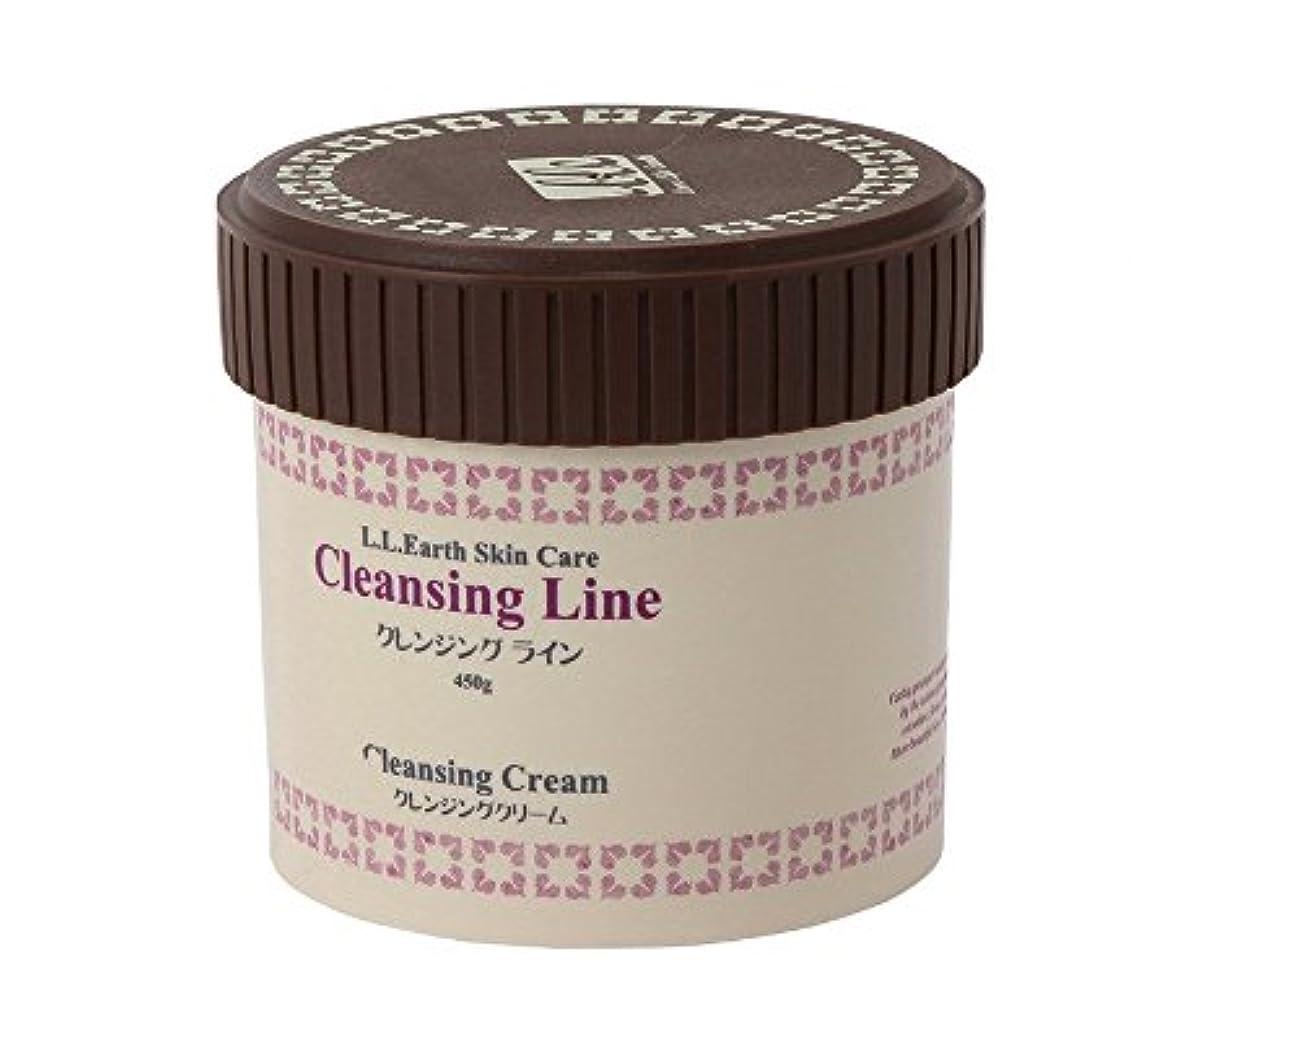 アブストラクト乳製品束LLE 業務用 クレンジングクリーム 450g ( メイク落とし 拭き取り?洗い流し両用 ) C